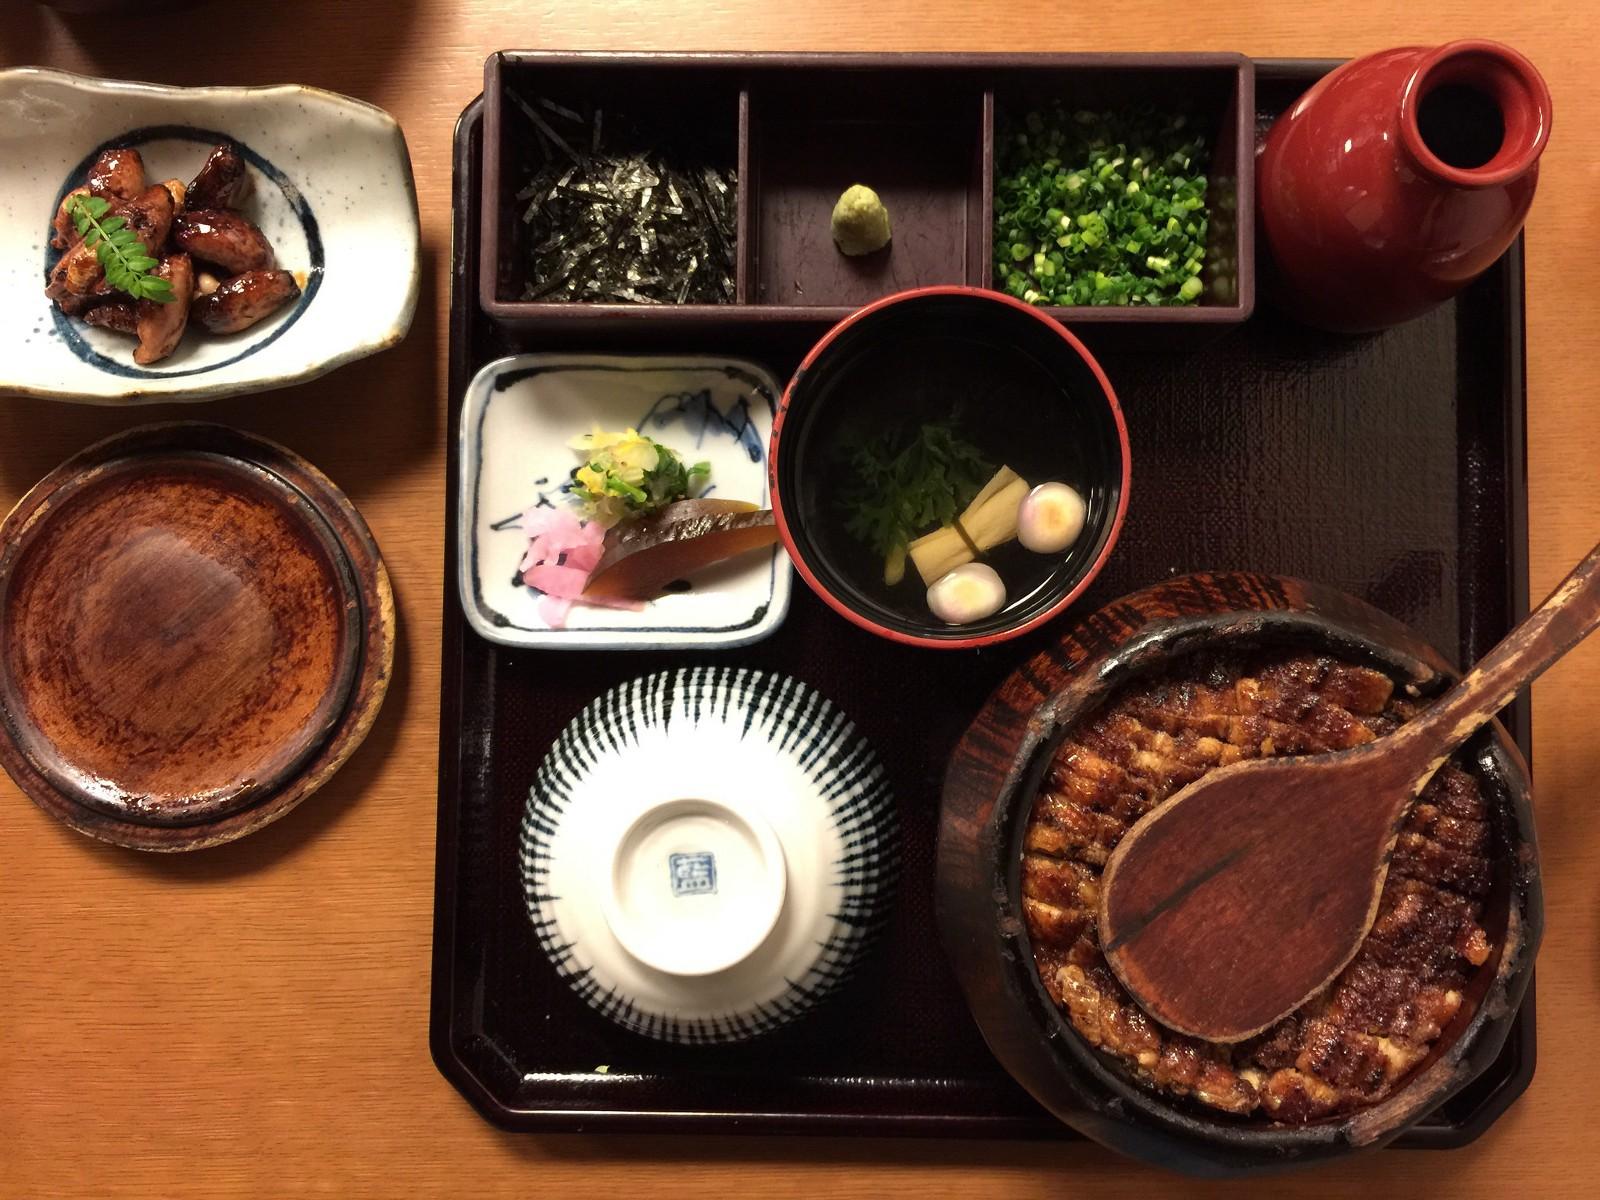 Nagoya Food: Must-Eat Local Food in Nagoya